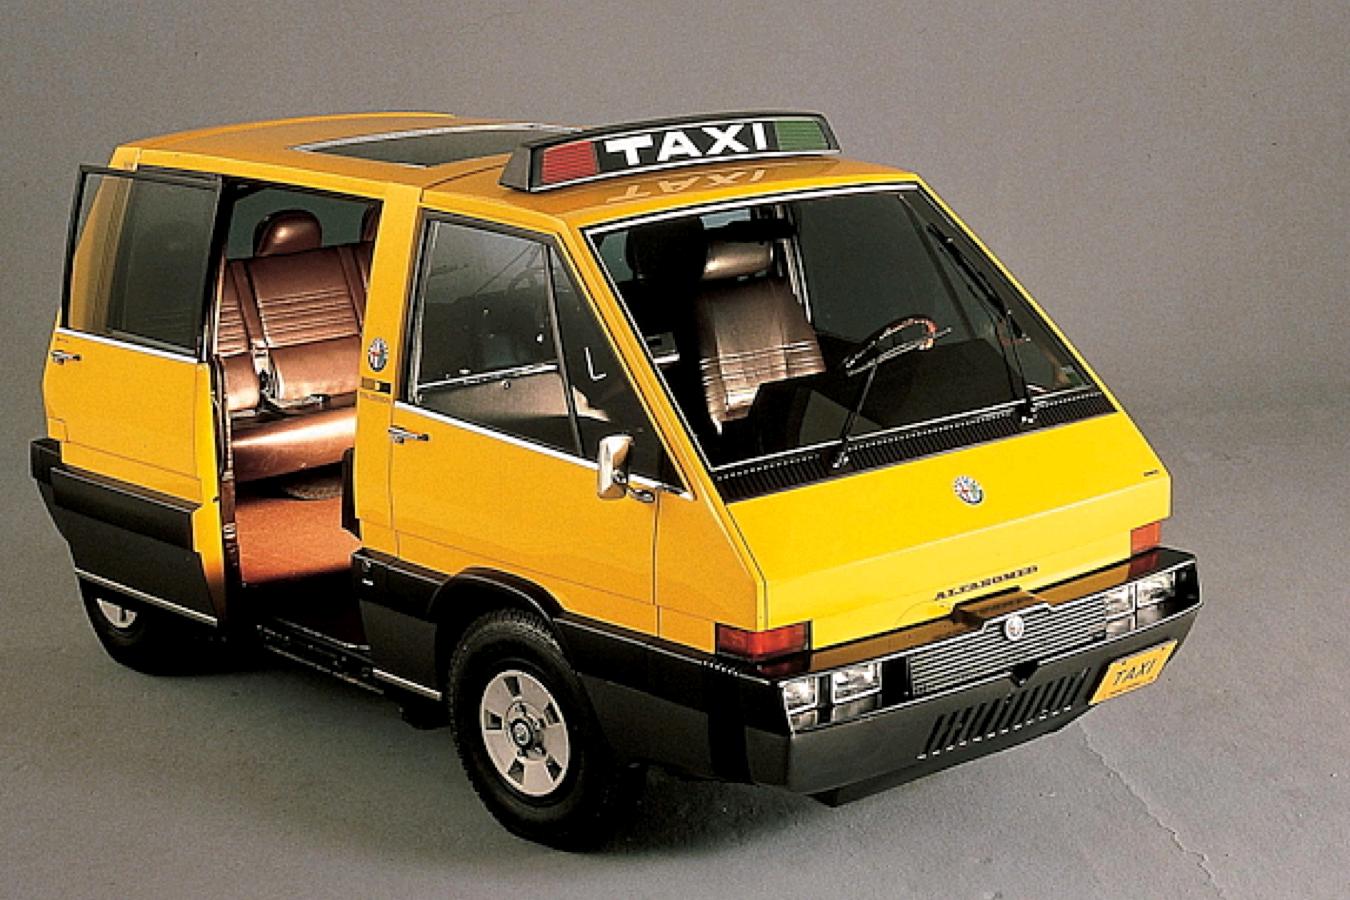 TAXI Alfa Romeo NYC Taxi